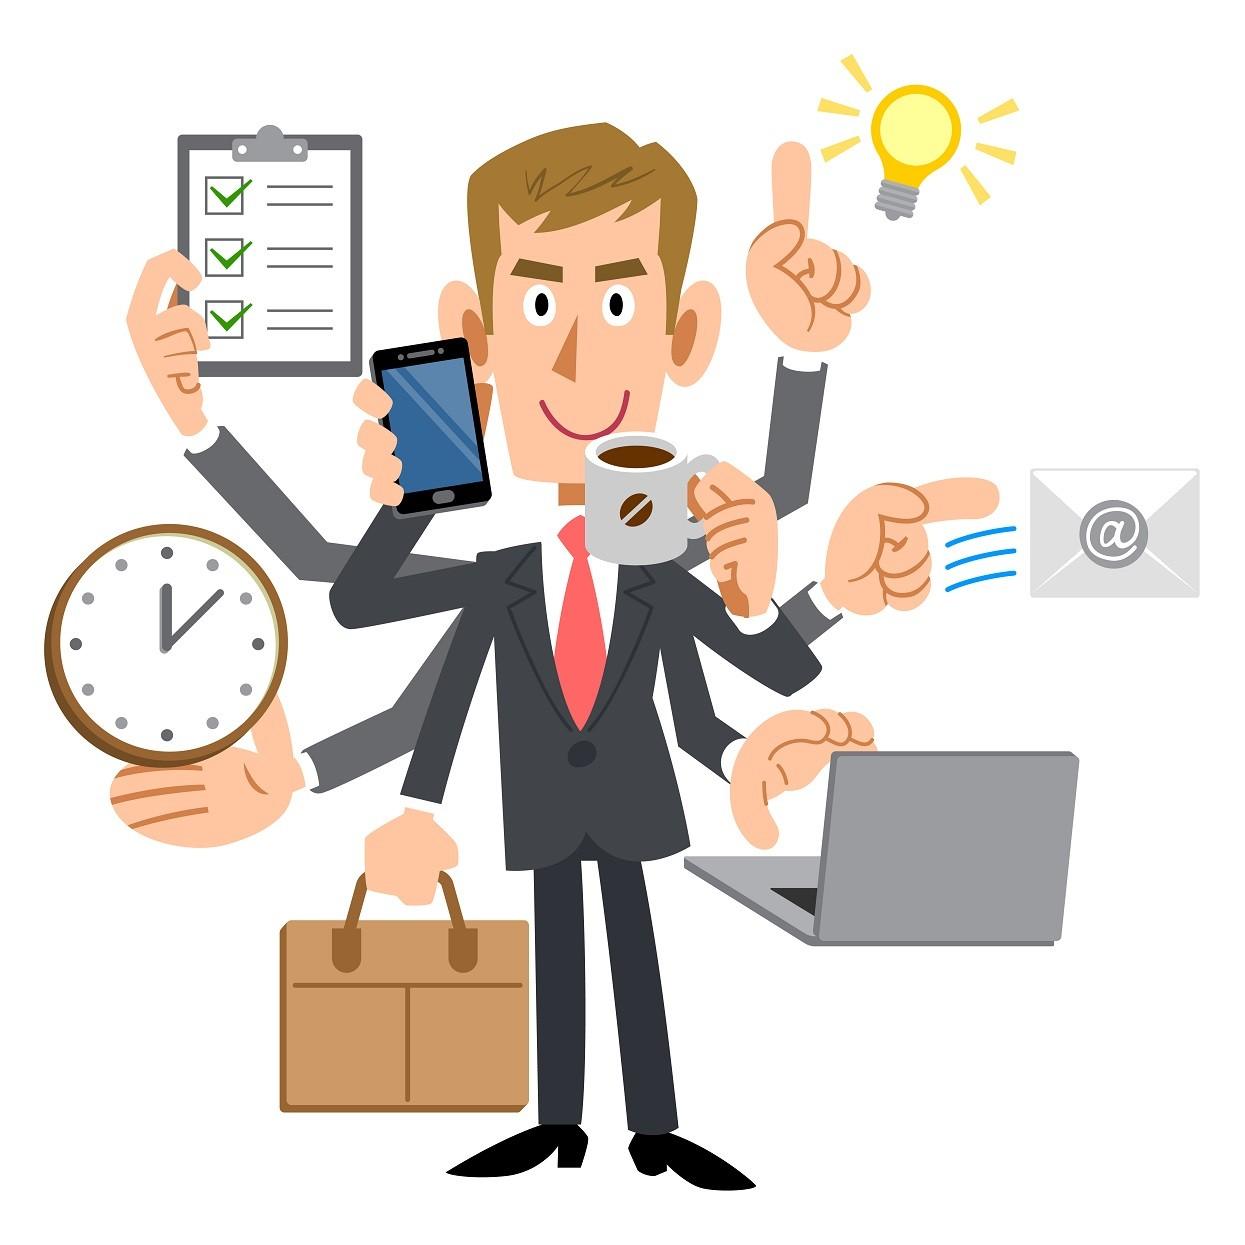 Trucs & Astuces #333 - Accomplir trop de tâches à la fois